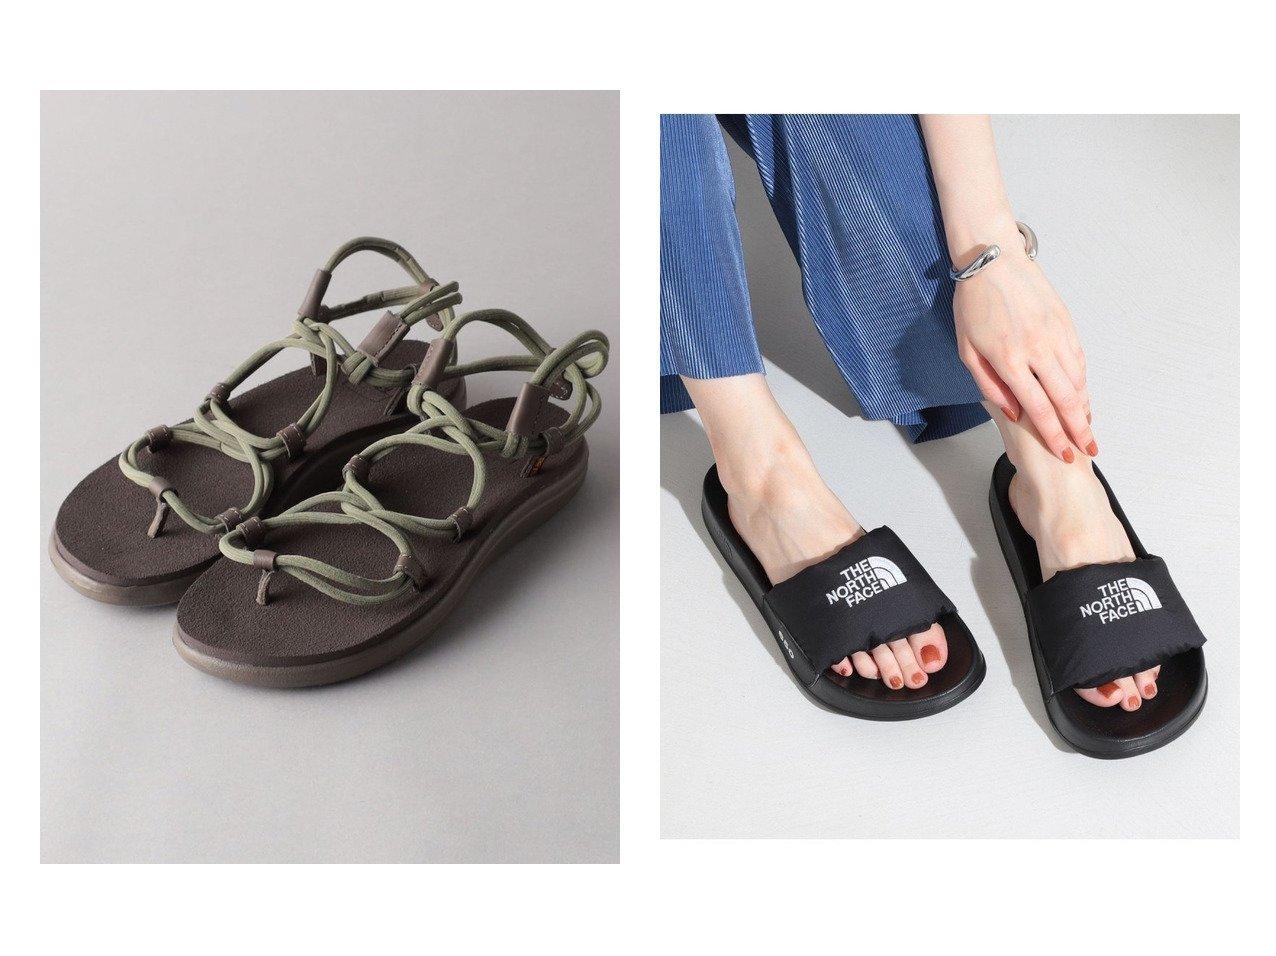 【Odette e Odile/オデット エ オディール】のTEVA VOYA INFINITY SPACE DYE&【Ray BEAMS/レイ ビームス】のNuptse Slide Sandal 2 【シューズ・靴】おすすめ!人気、トレンド・レディースファッションの通販  おすすめで人気の流行・トレンド、ファッションの通販商品 インテリア・家具・メンズファッション・キッズファッション・レディースファッション・服の通販 founy(ファニー) https://founy.com/ ファッション Fashion レディースファッション WOMEN アウトドア サンダル シューズ スポーツ ダウン ボトム ミュール ラップ S/S・春夏 SS・Spring/Summer フィット 人気 夏 Summer 春 Spring |ID:crp329100000062307